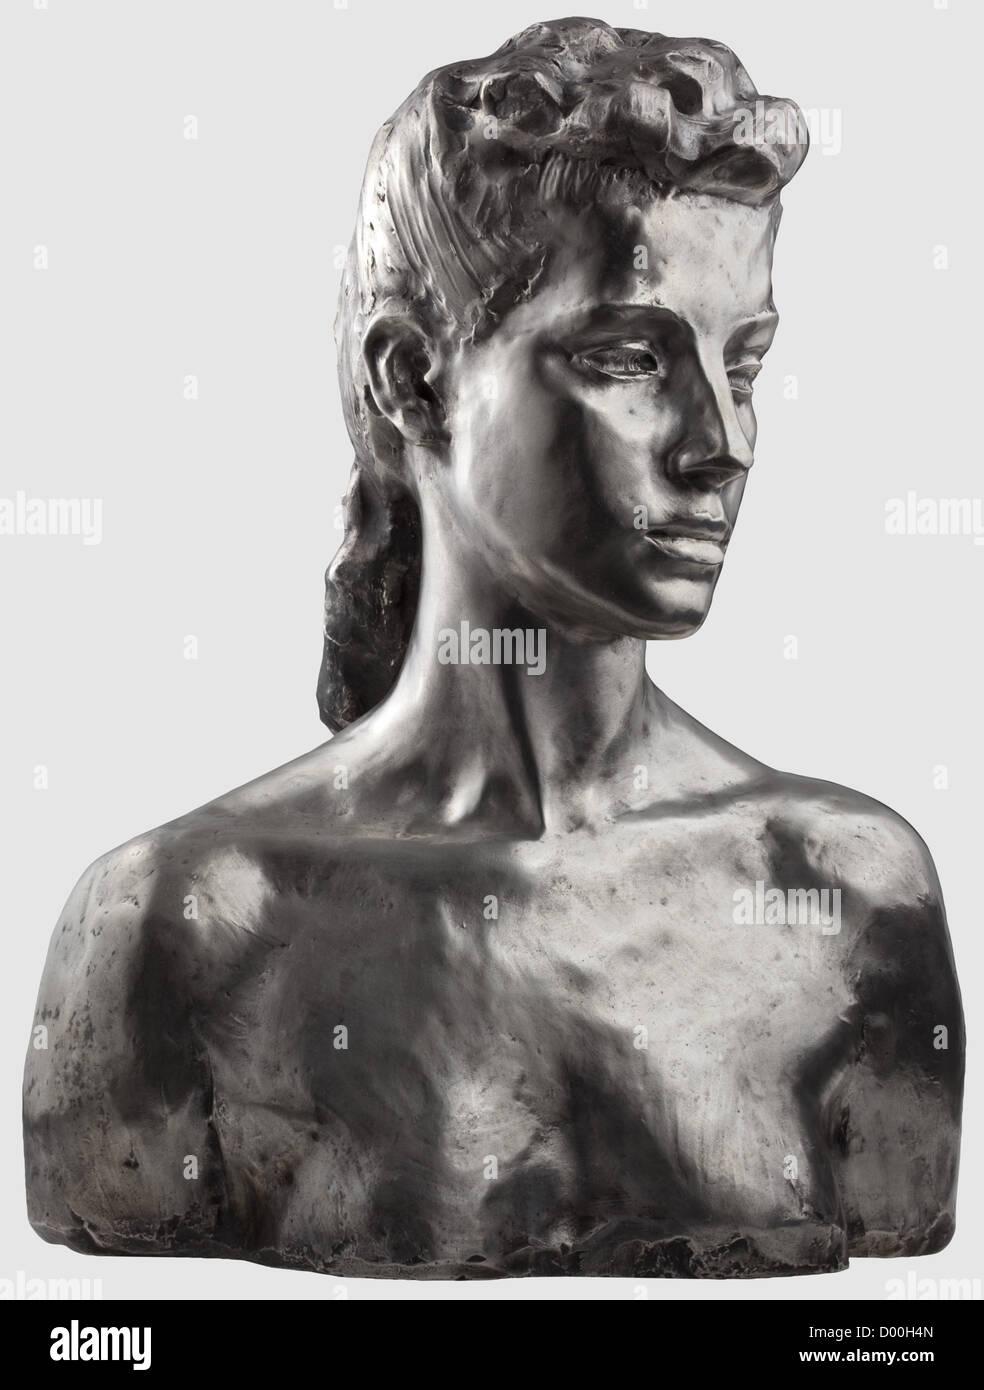 Un buste femme - argent monogrammé 'J', un 'Priessmann stamp Casting Bauer & Co München', Photo Stock